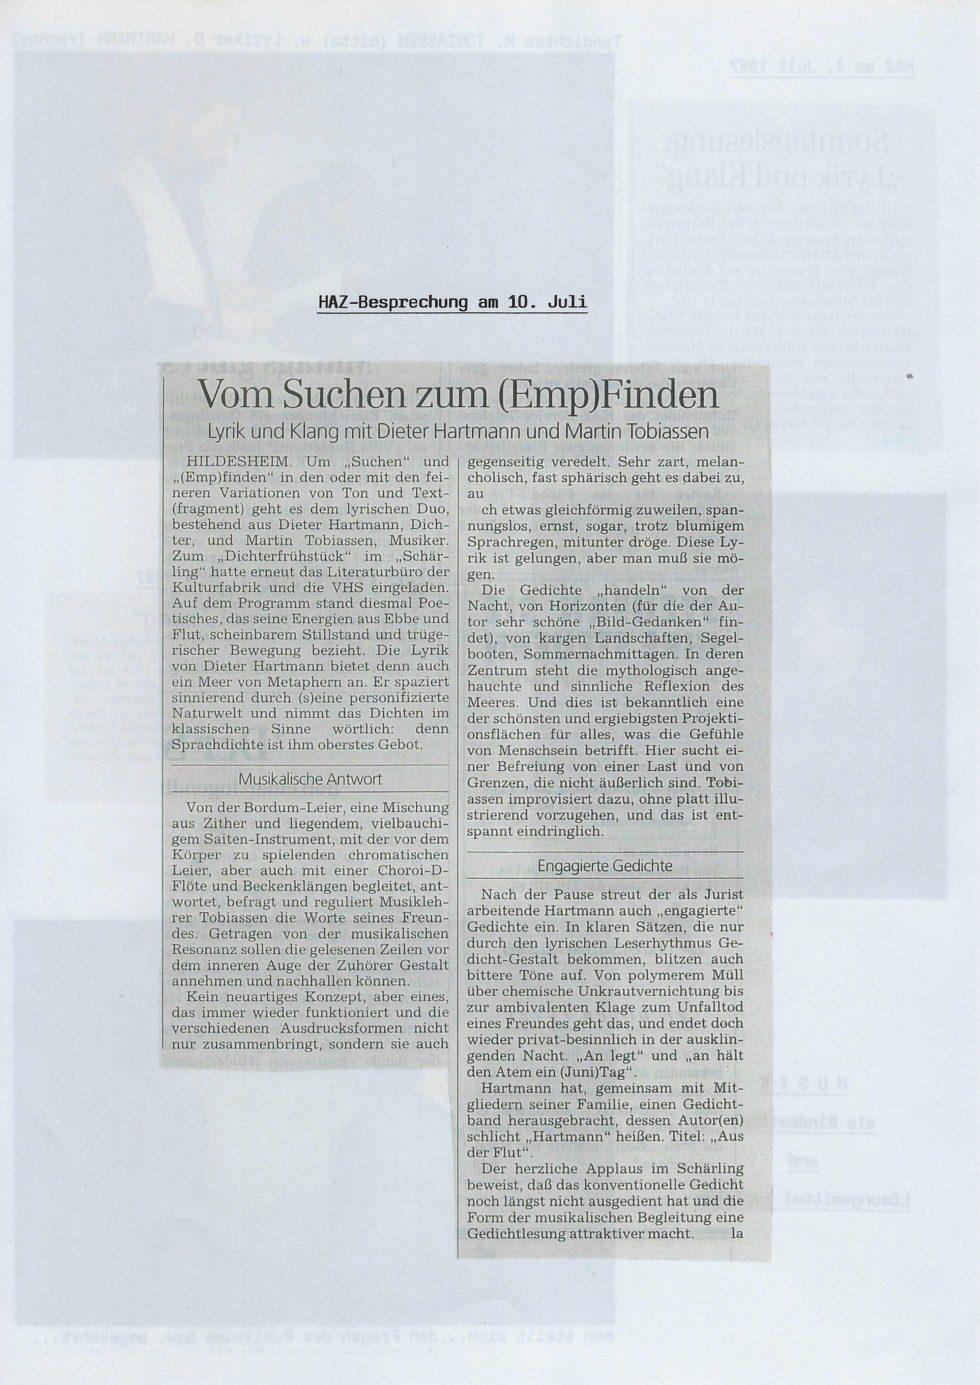 1997 Stift.Lesen, Lit.Tour, Lasker-Wallfisch_Seite_29